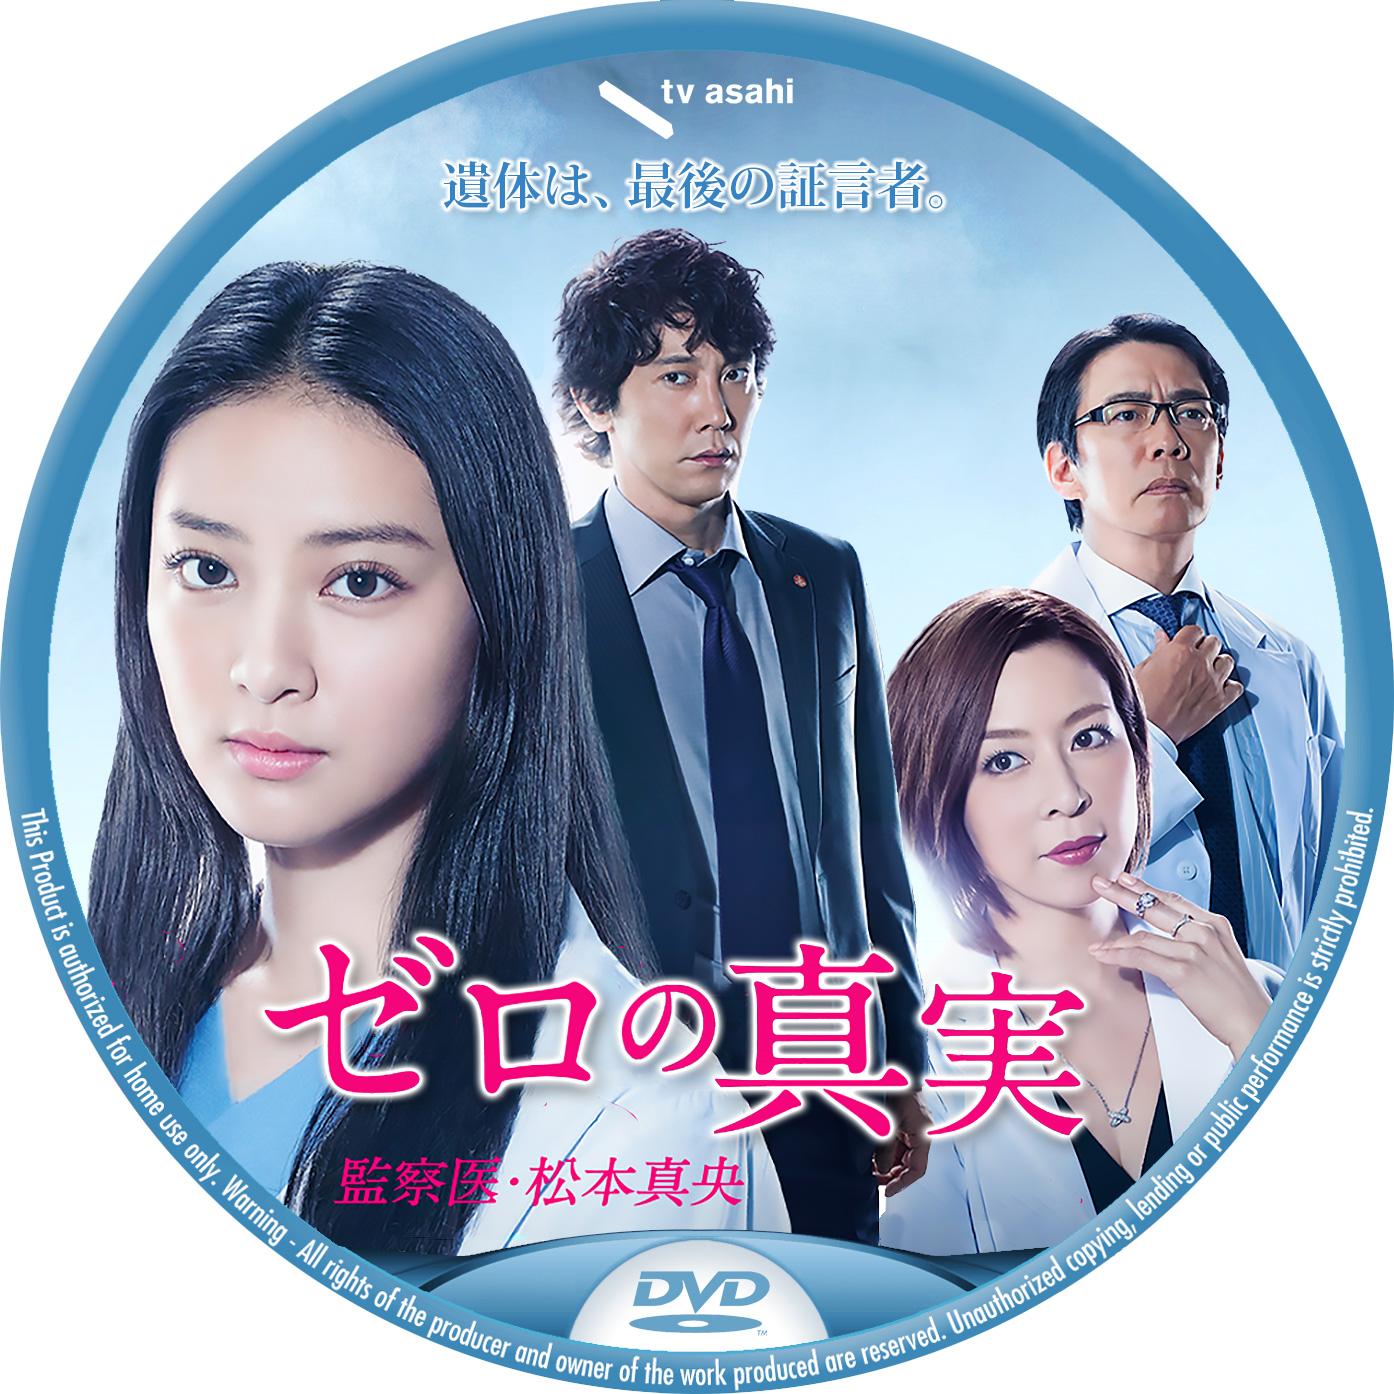 ゼロの真実 監察医・松本真央 DVDラベル